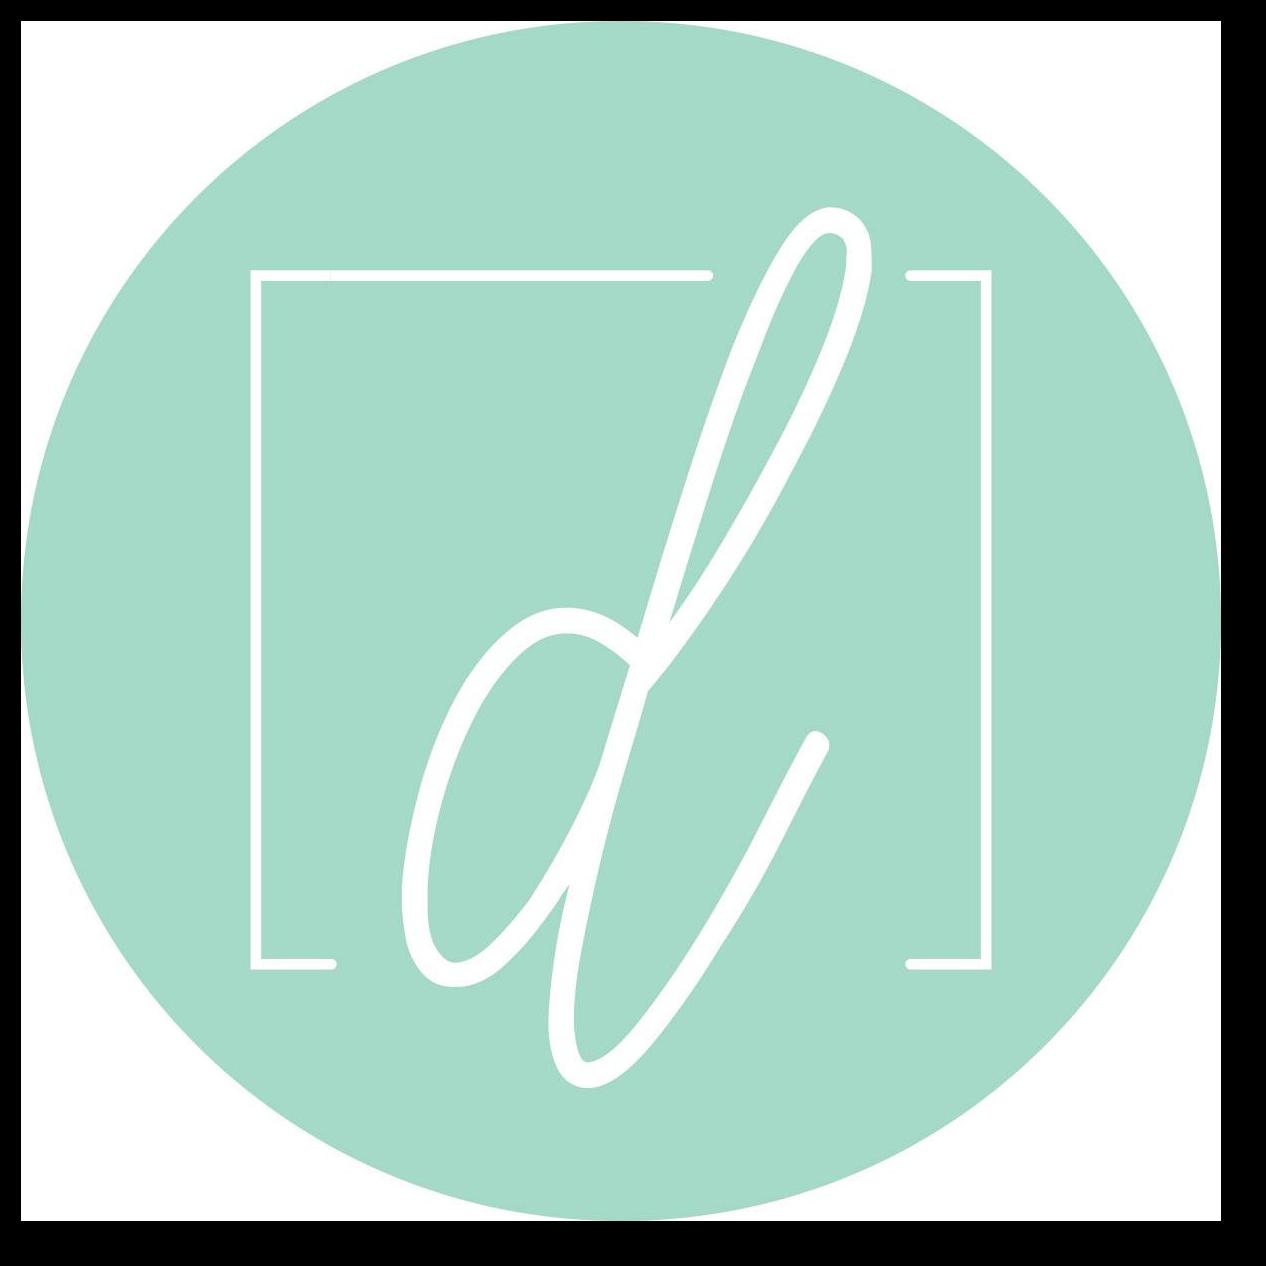 The Doughminican logo